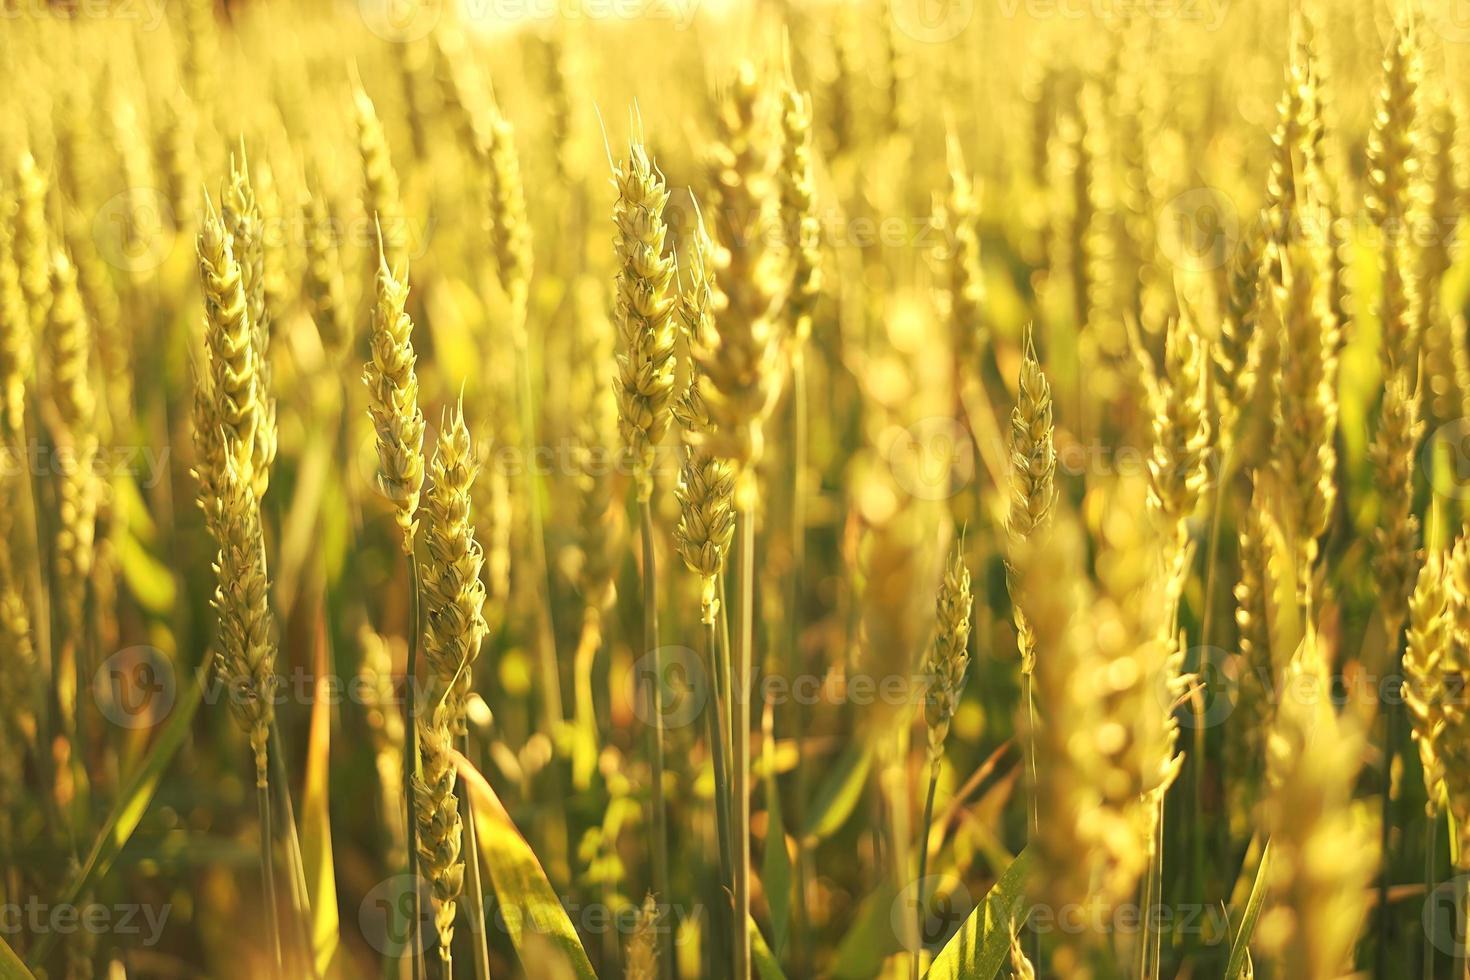 vete fält i solsken. foto